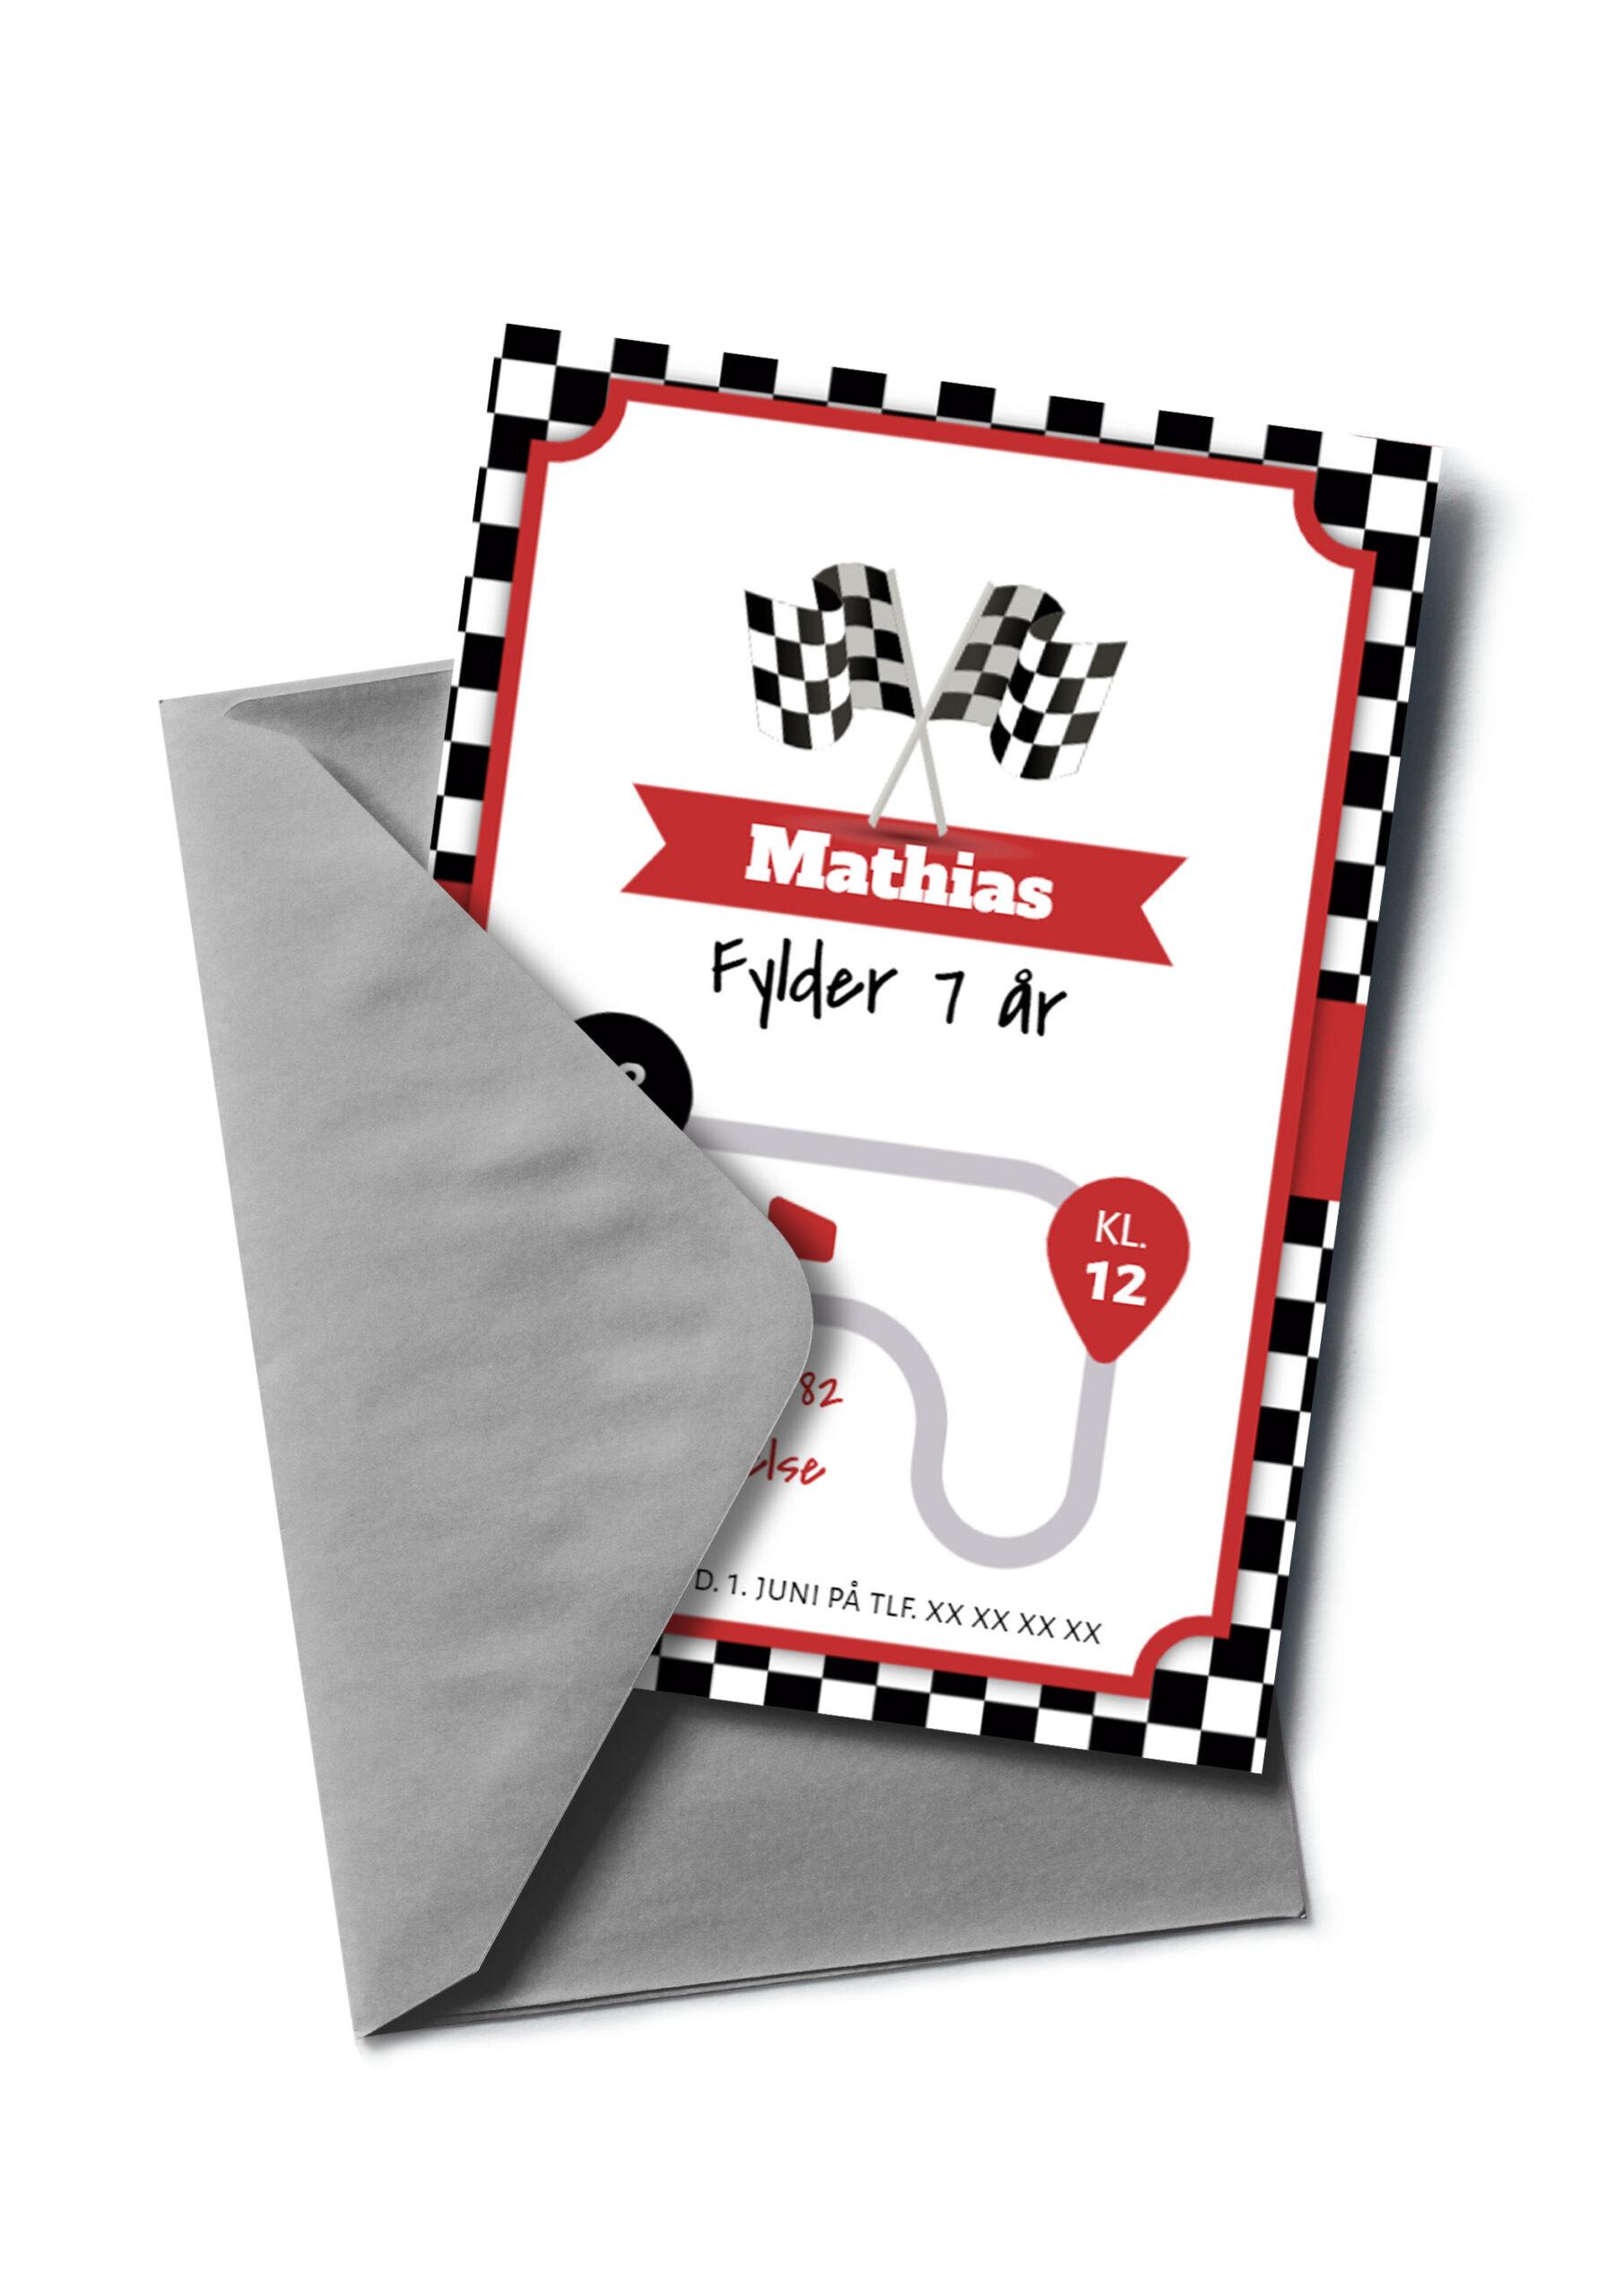 Racerløb invitation